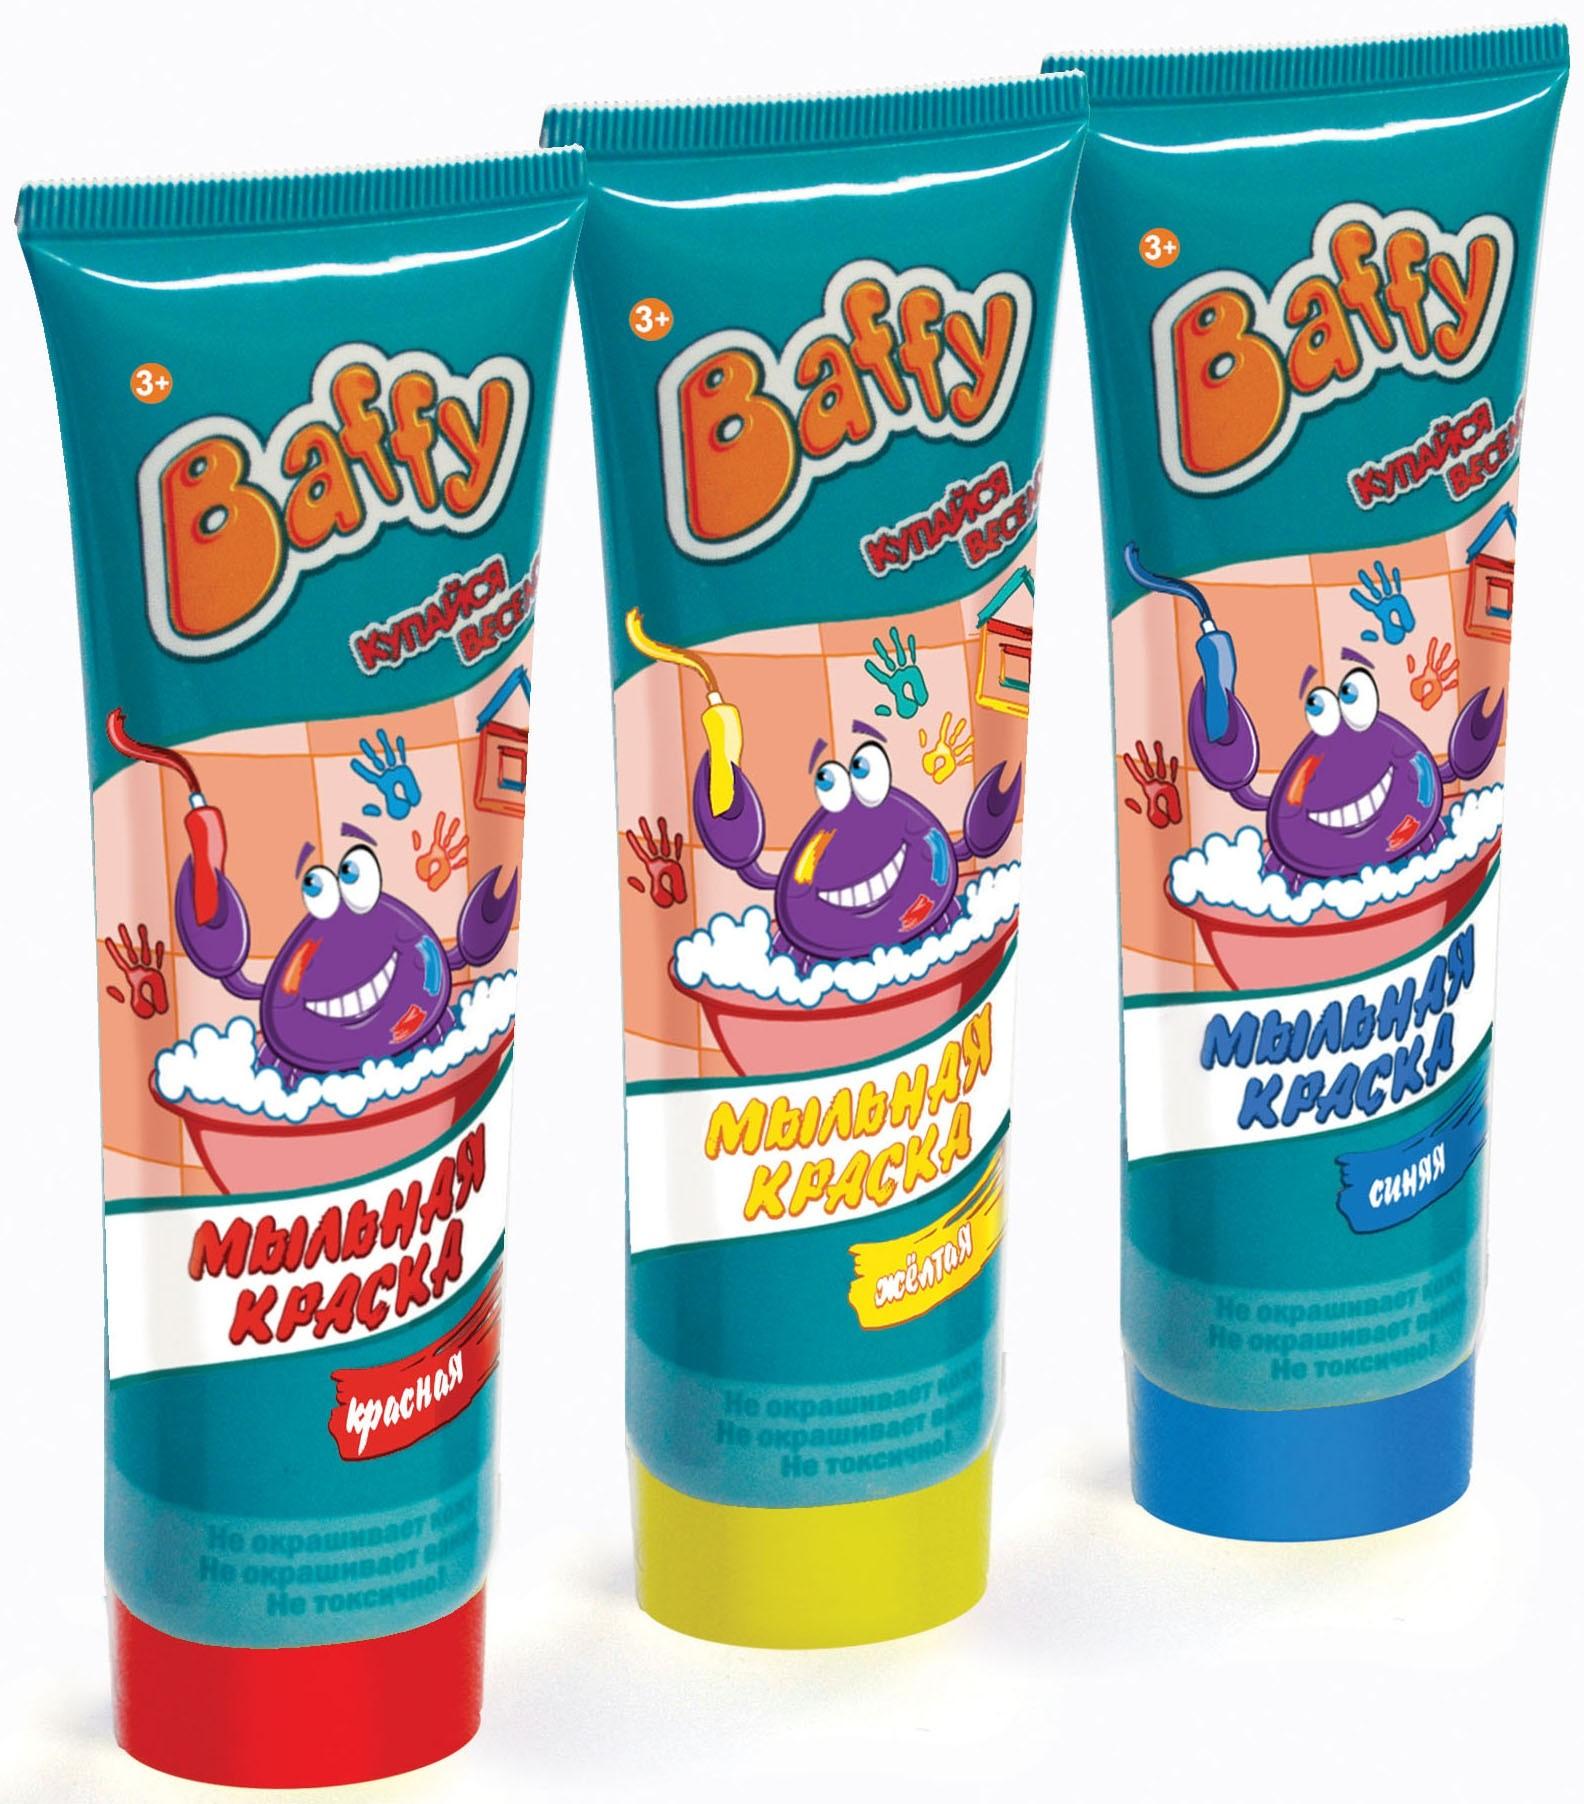 Мыло Baffy Мыльная краска